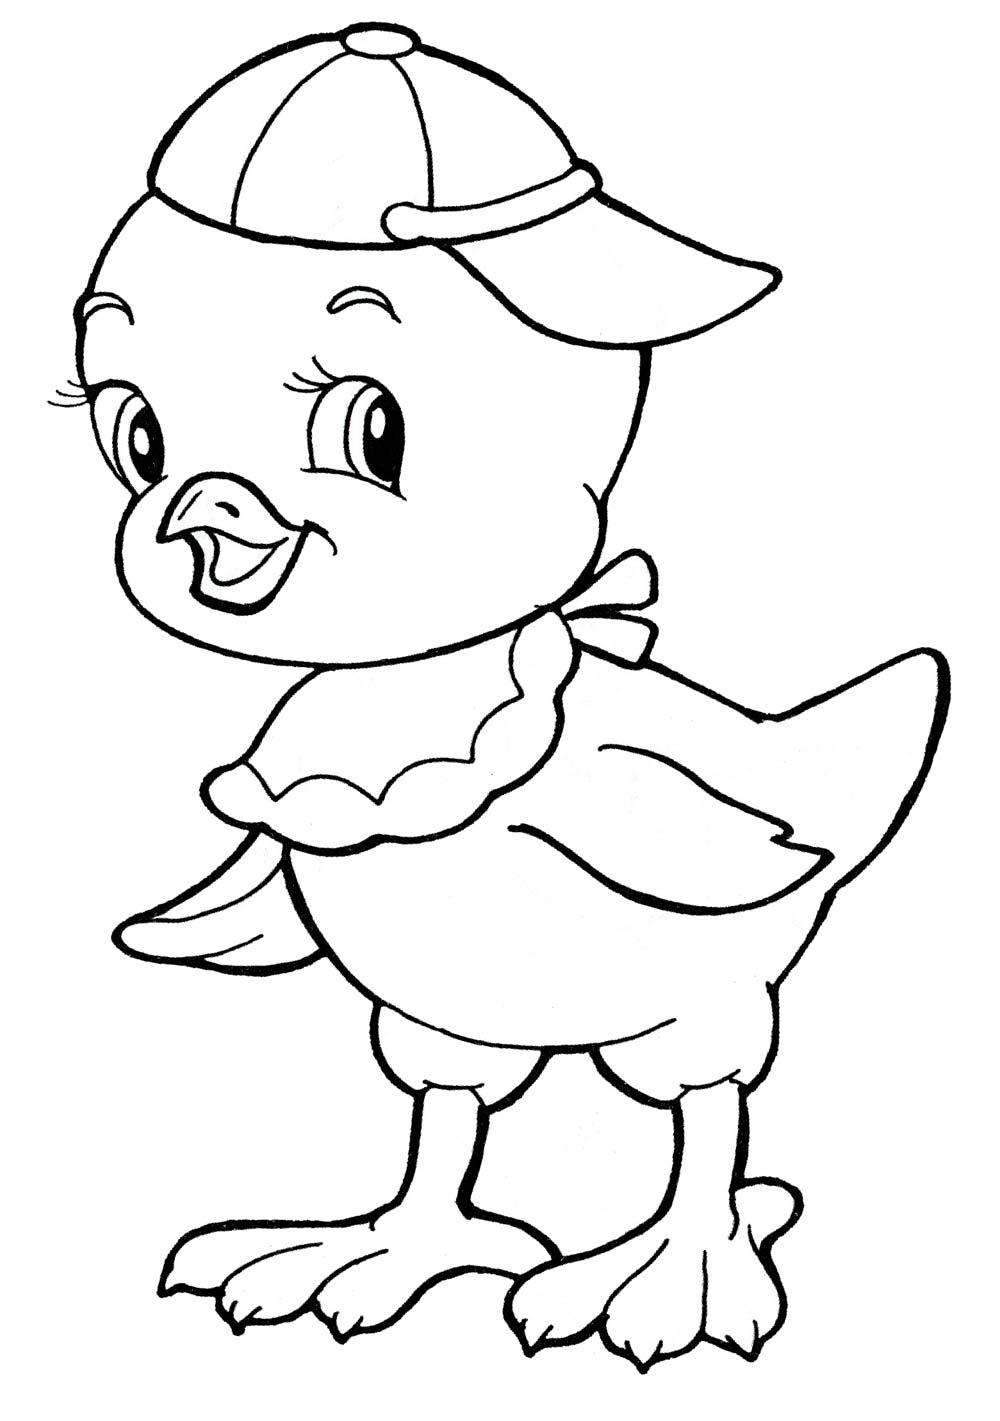 Раскраски цыплят распечатать бесплатно